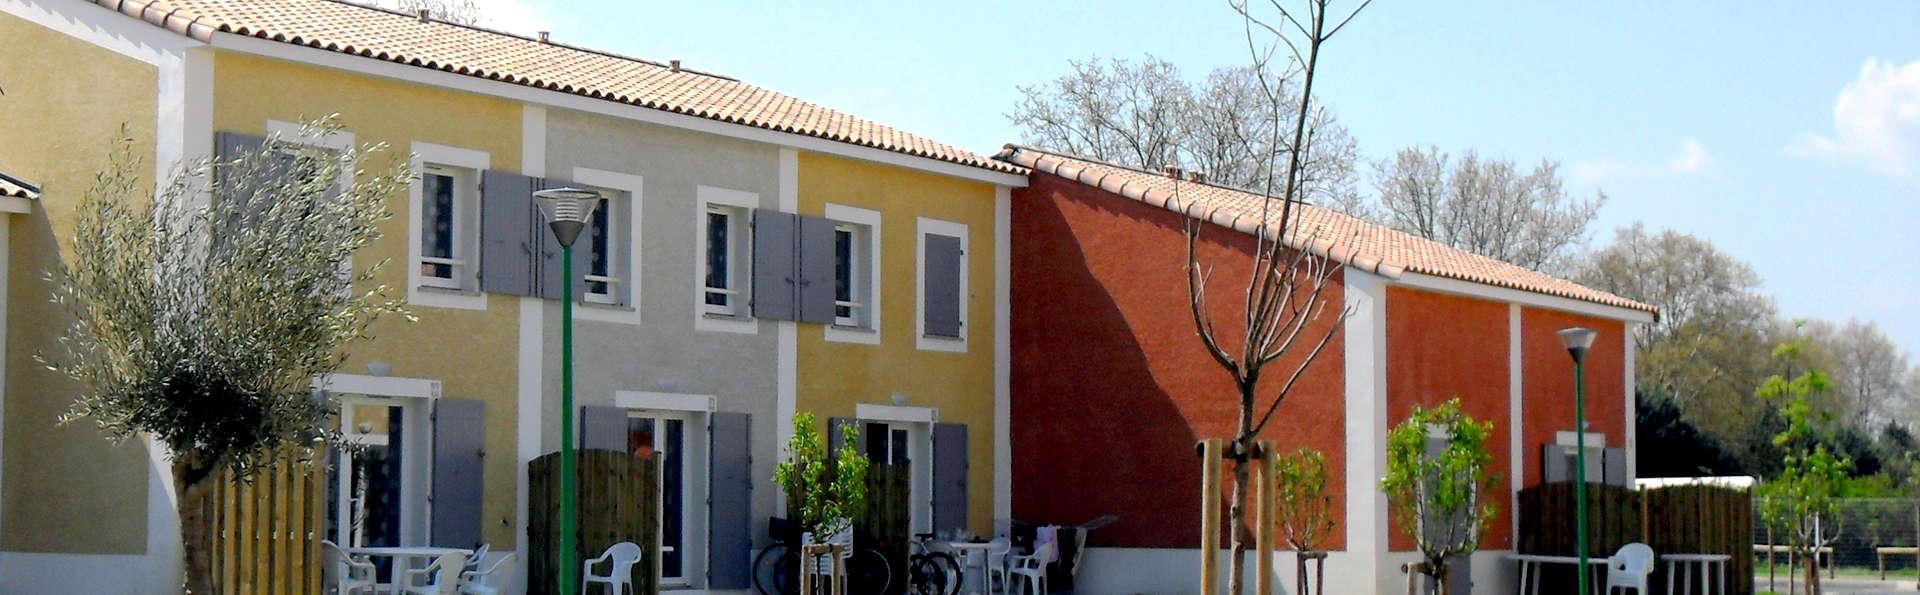 Vacancéole - Résidence Le Domaine d'Ensérune - Edit_Front.jpg